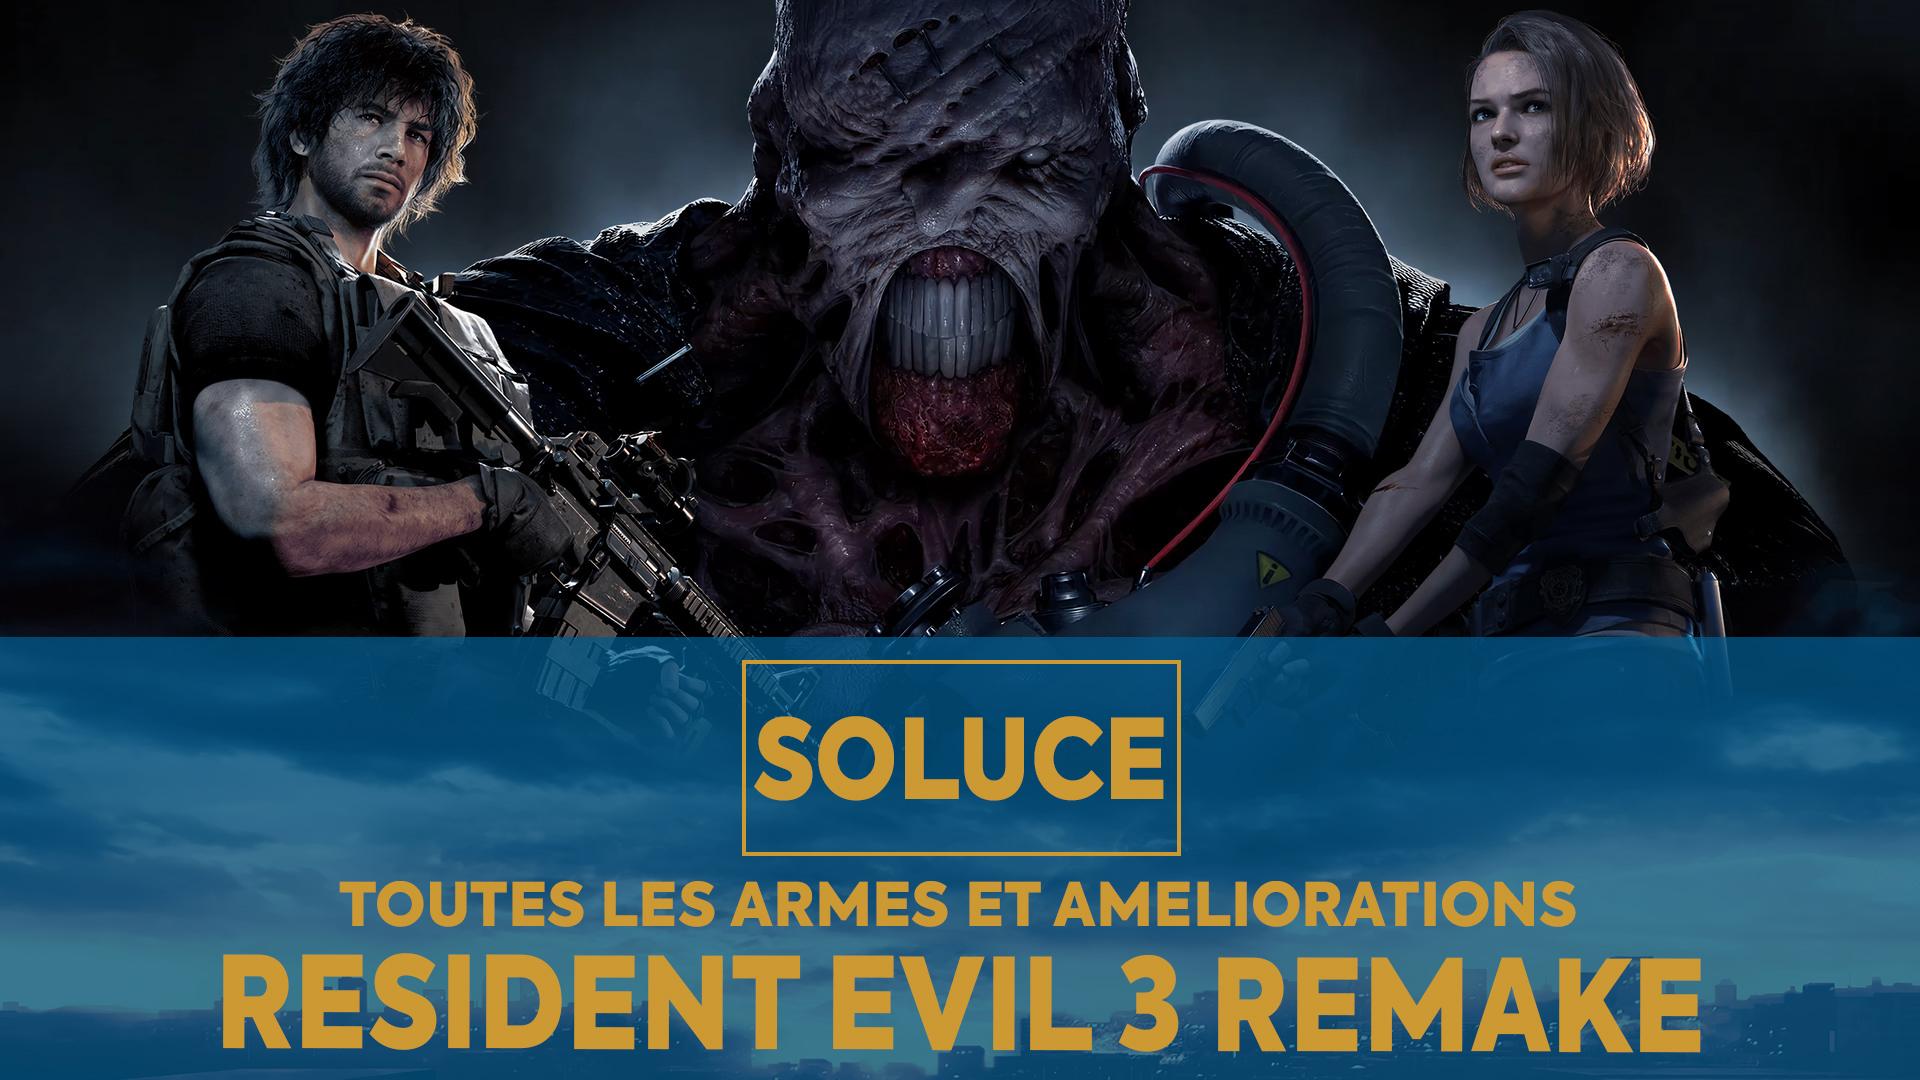 Resident Evil 3 Remake SOLUCE ARMES